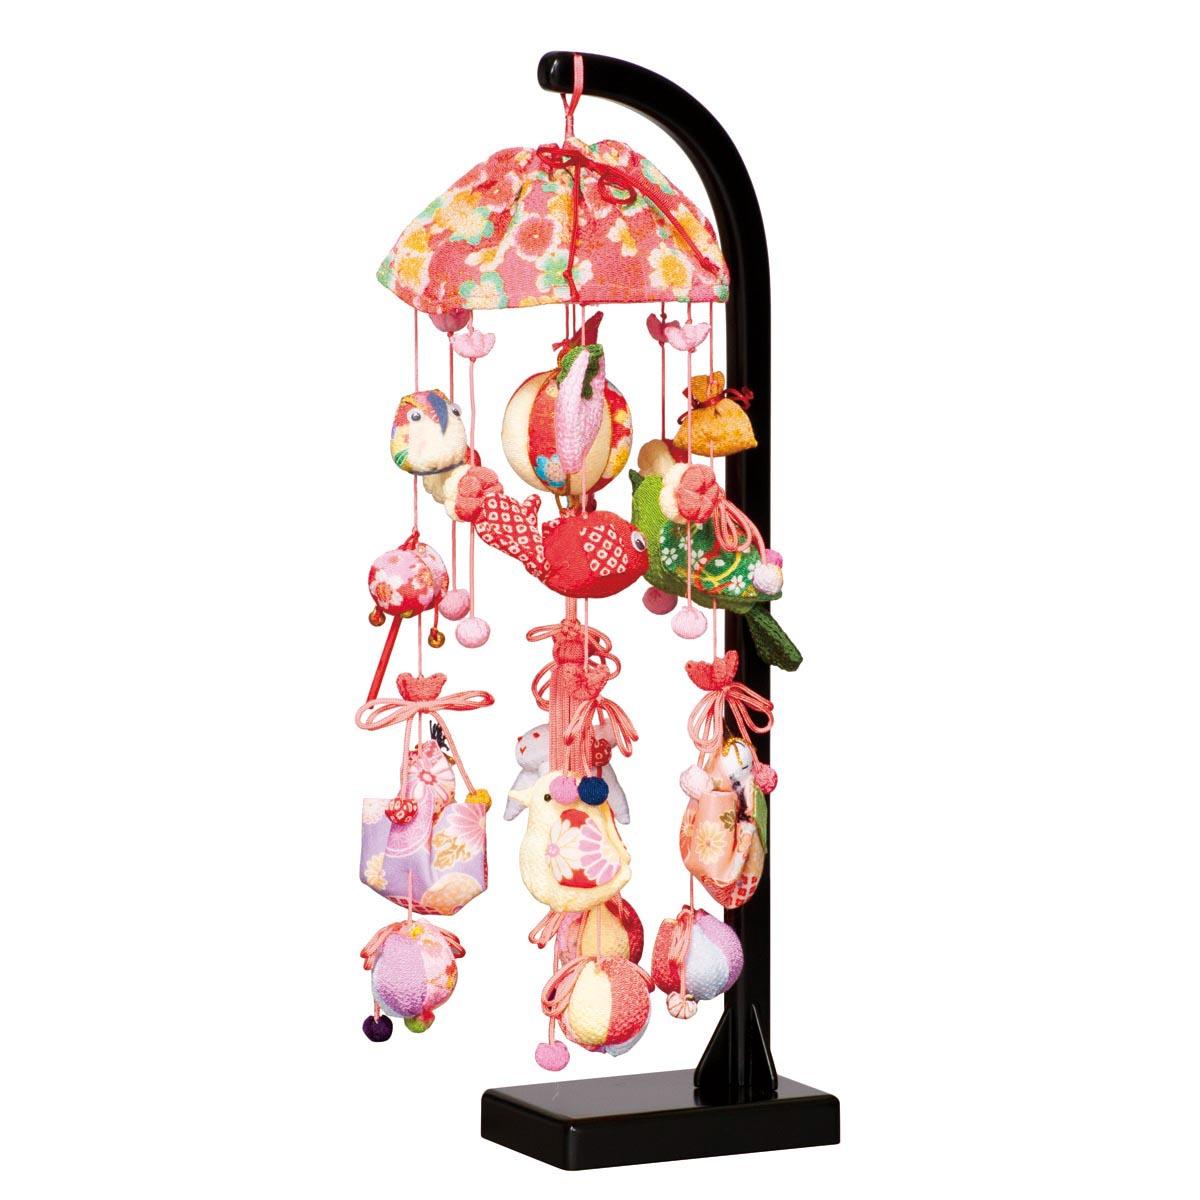 桜あかり スタンド付 TRS-H-332406送料無料 ※北海道 沖縄は除く つるし雛 吊るし飾り で 桃の節句 雛祭り ひな祭り 雛人形 のお祝いに